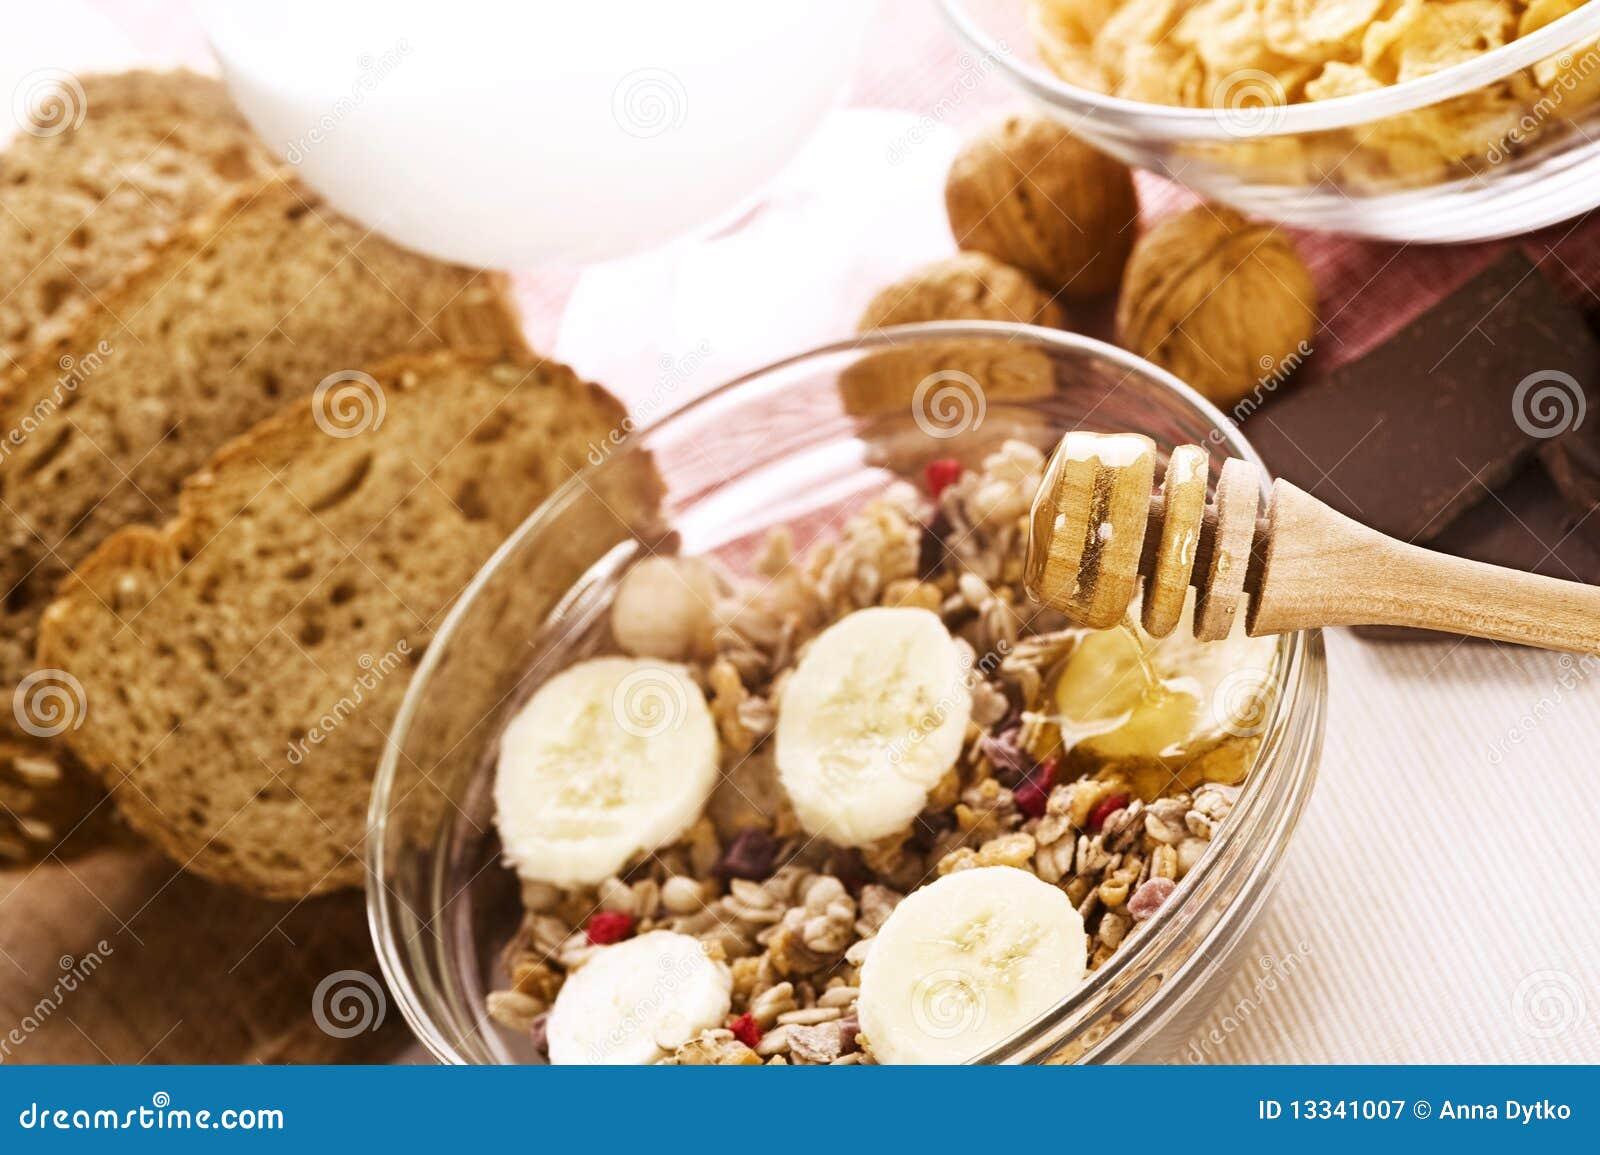 Zdrowy śniadanie